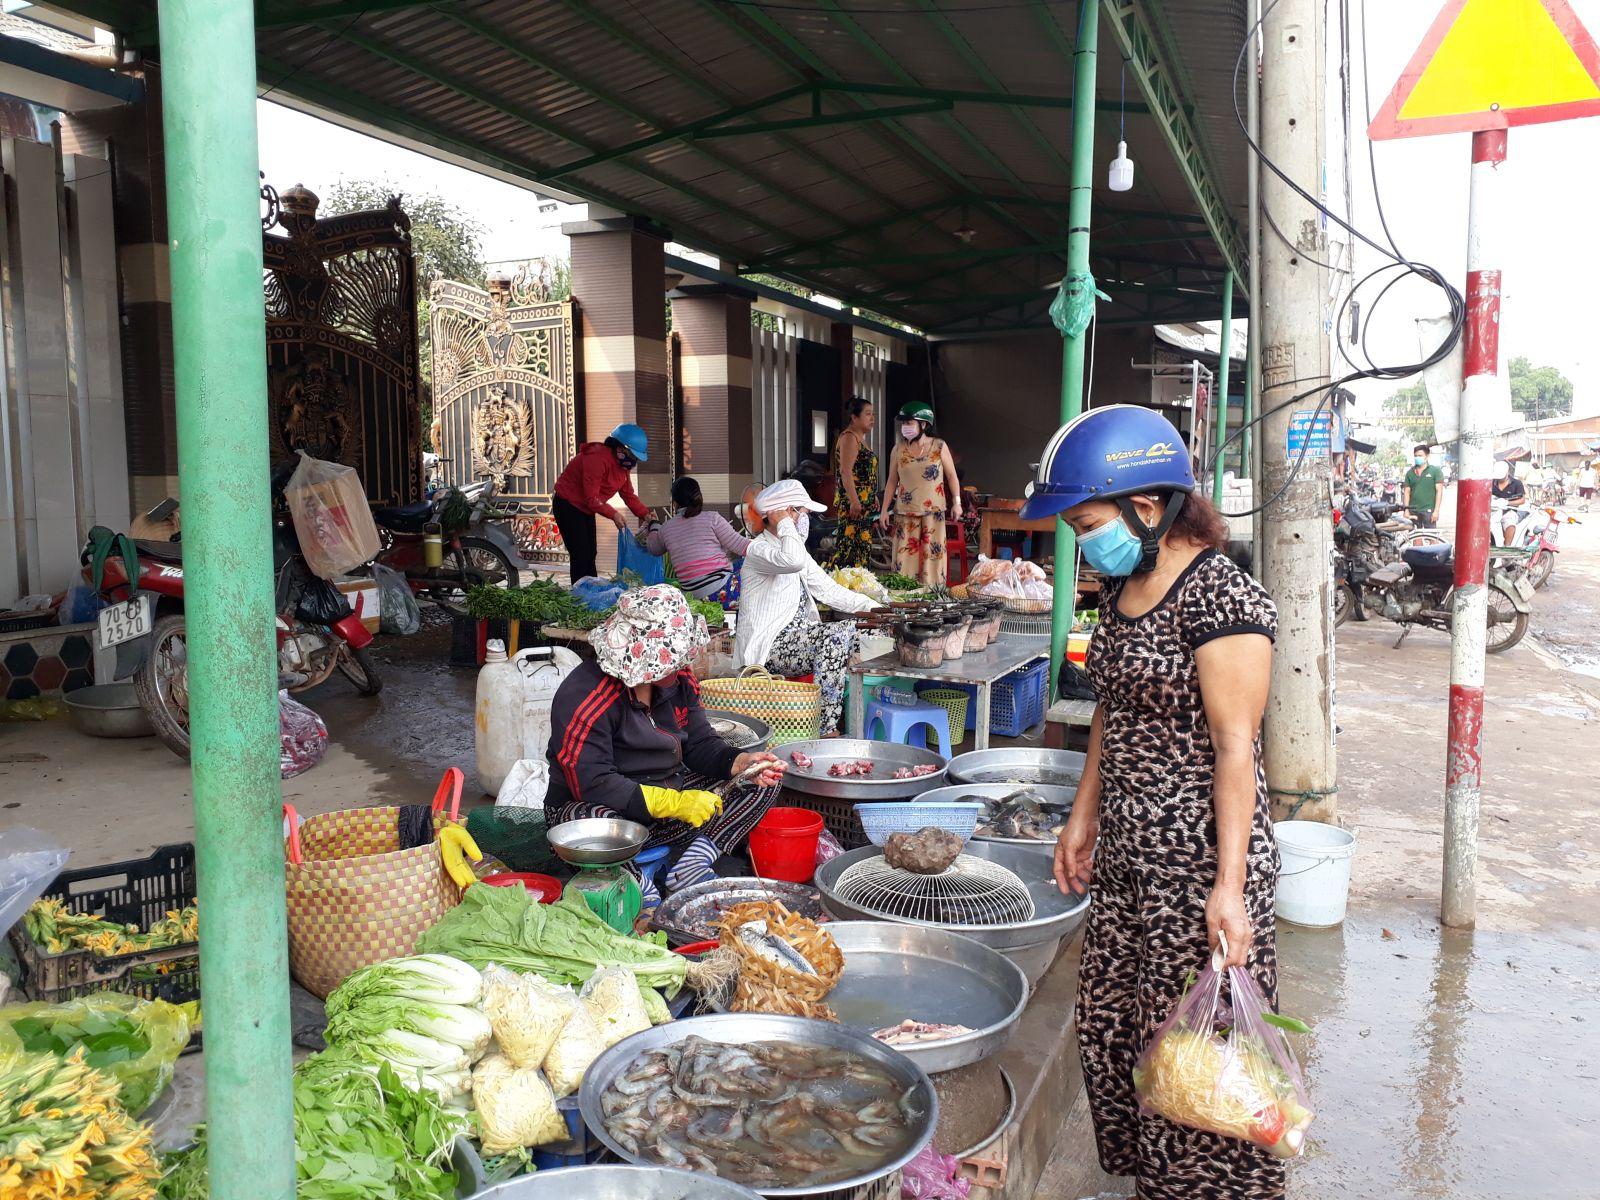 Người dân và tiểu thương ở chợ nông thôn chấp hành tốt Chỉ thị 16 của Thủ tướng Chính phủ trong phòng, chống dịch bệnh Covid -19